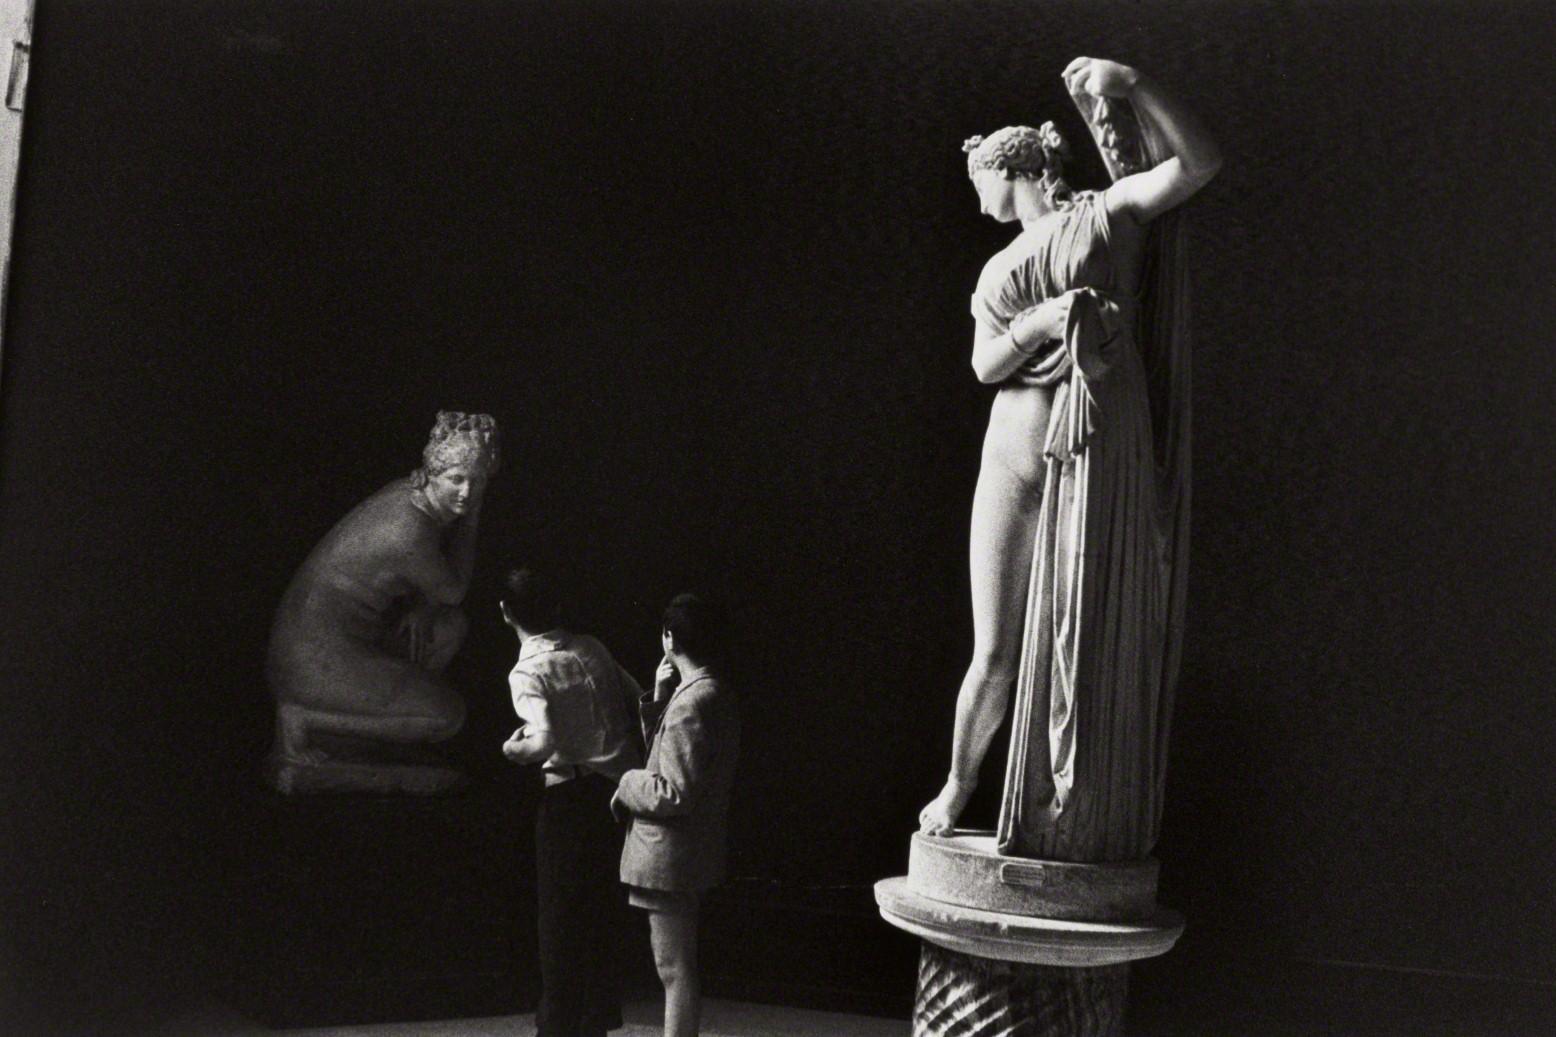 Неаполь, Италия, 1960. Фотограф Анри Картье-Брессон